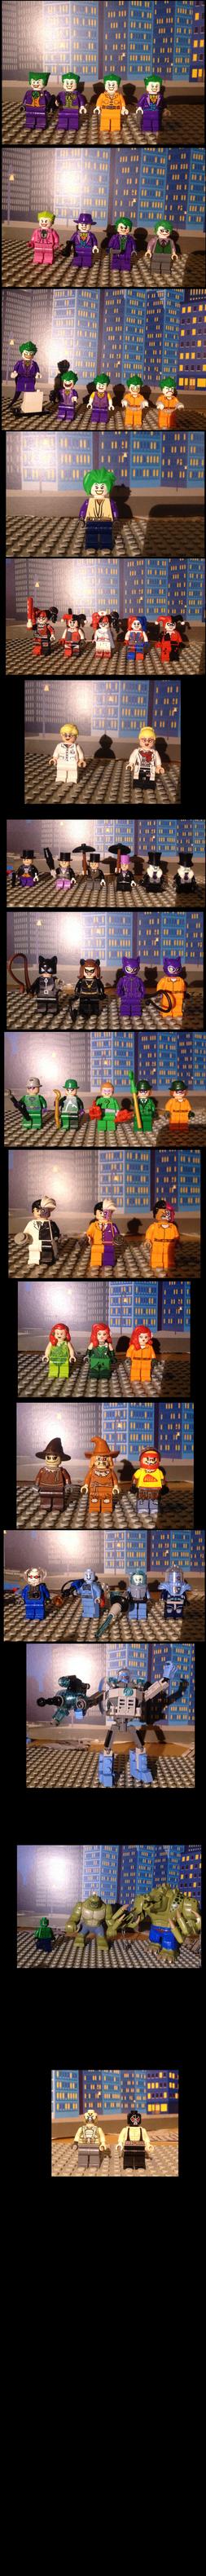 Lego Batman villains variants by Scurvypiratehog